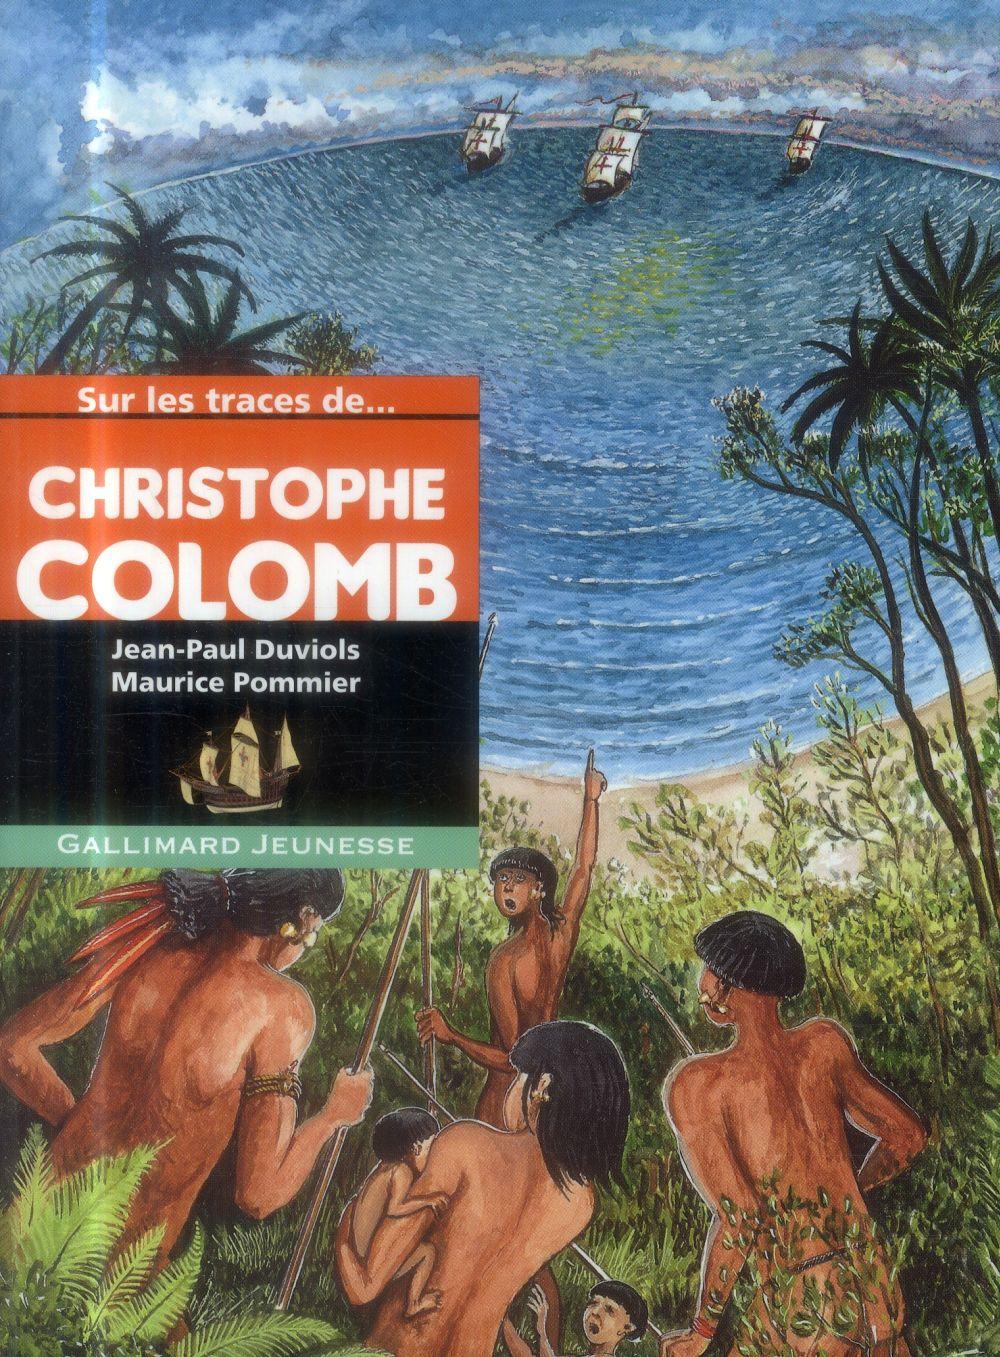 Sur les traces de... Christophe Colomb